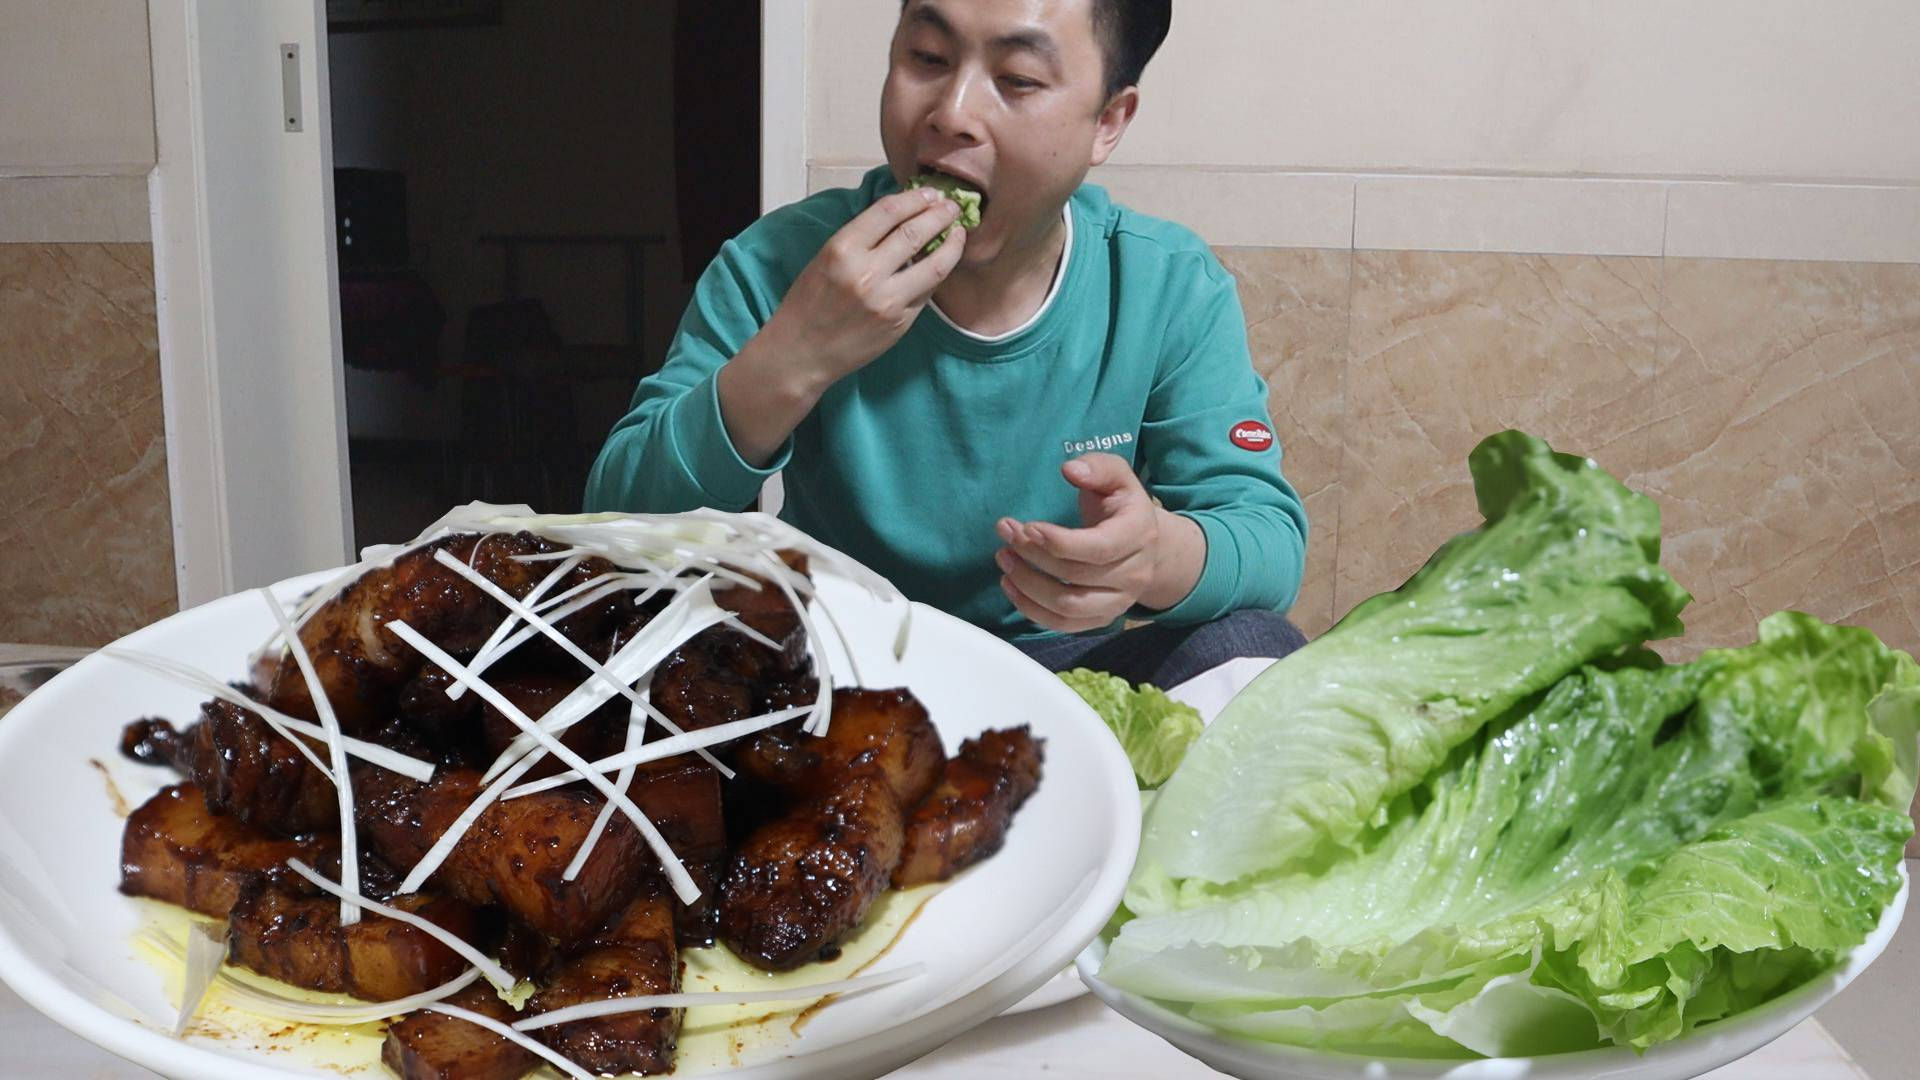 去地里摘完枇杷,回家晚上做了红烧肉,用生菜包着吃,好吃不上头